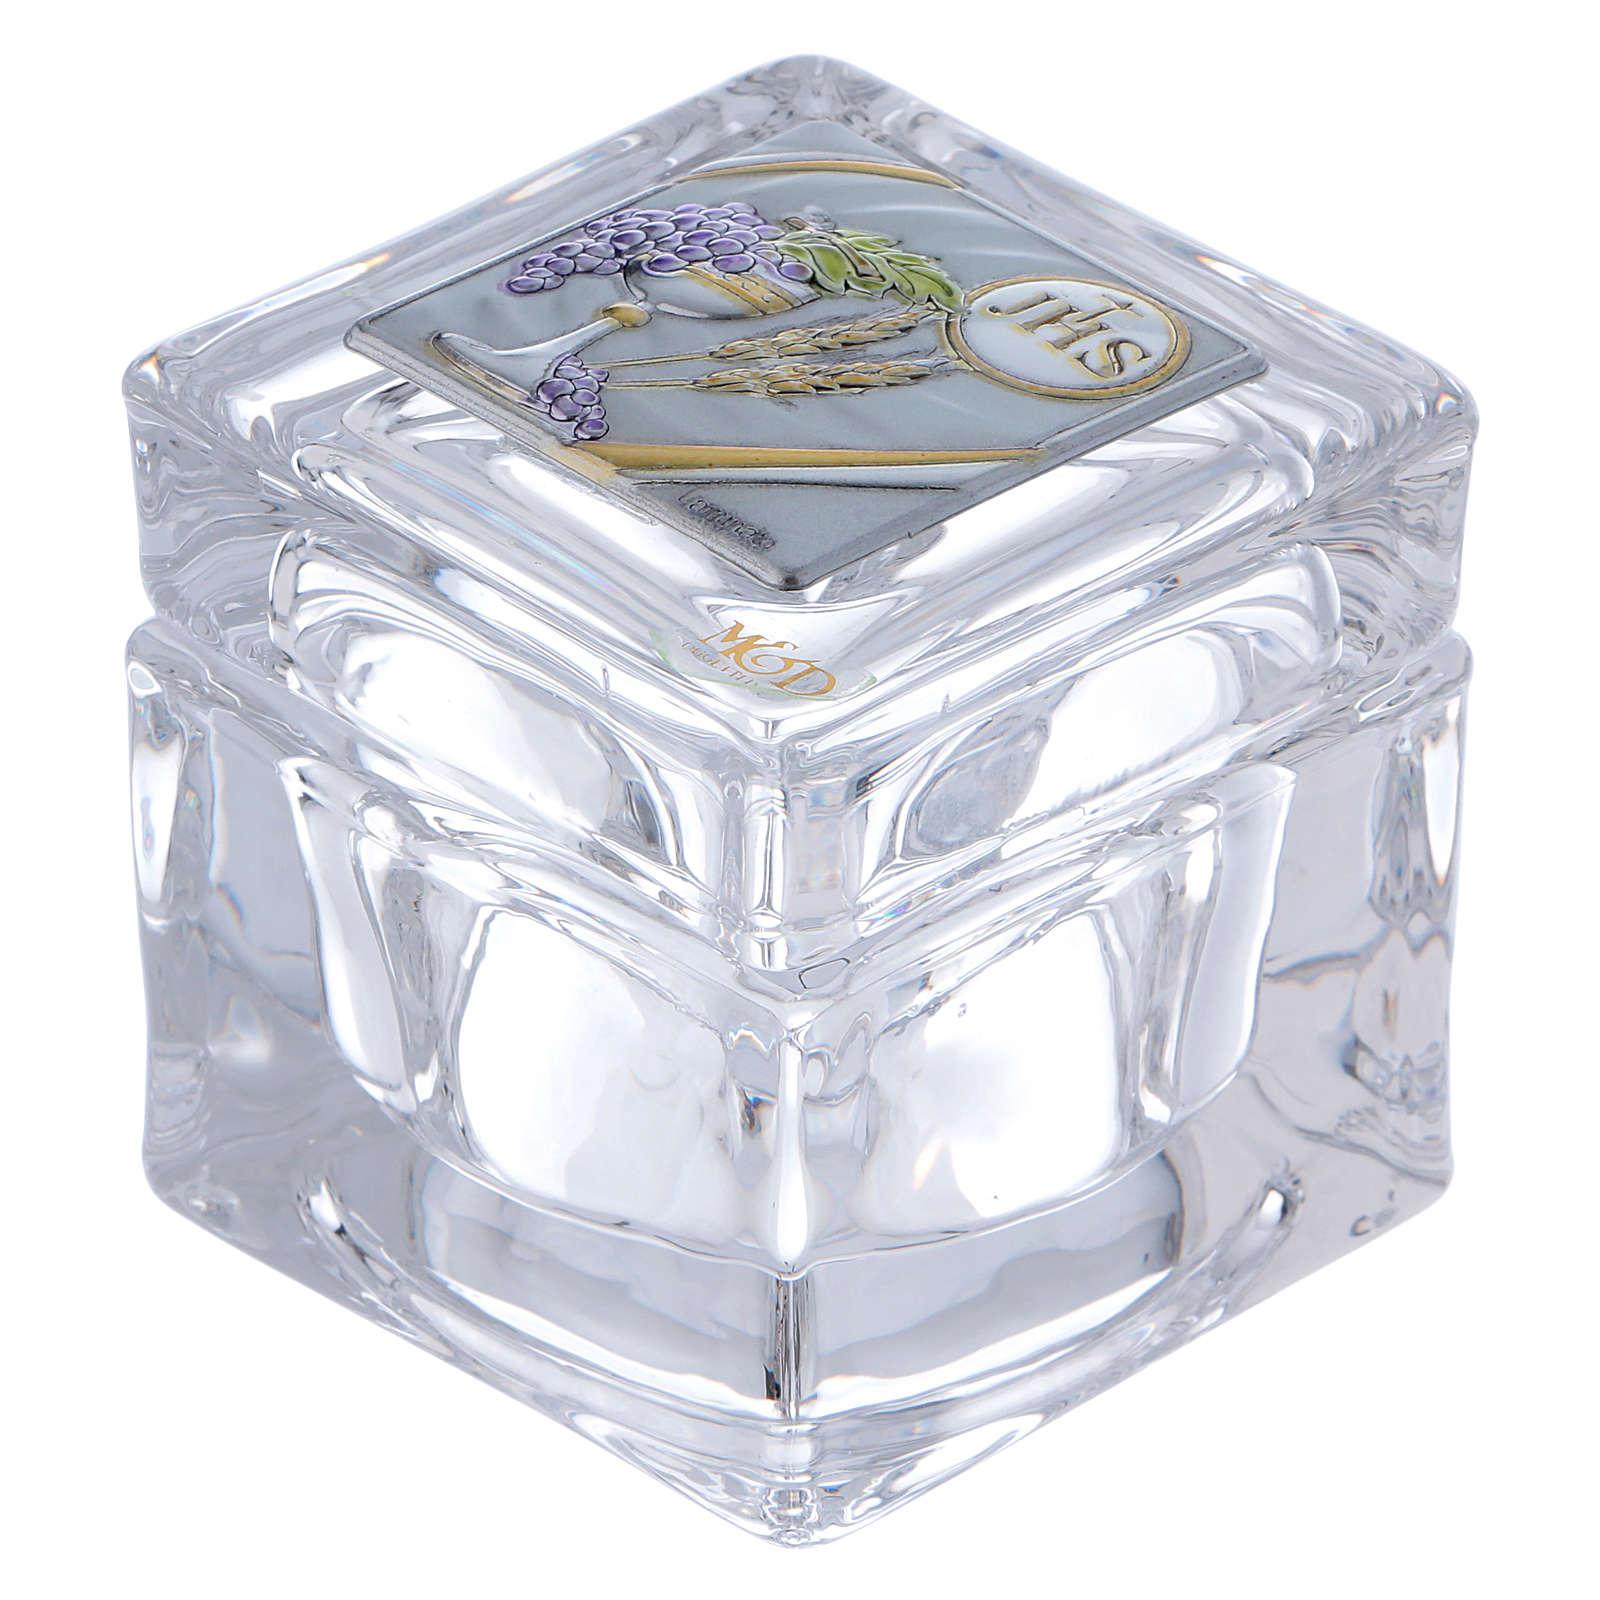 Bonbonnière Communion boîte 5x5x5 cm 3